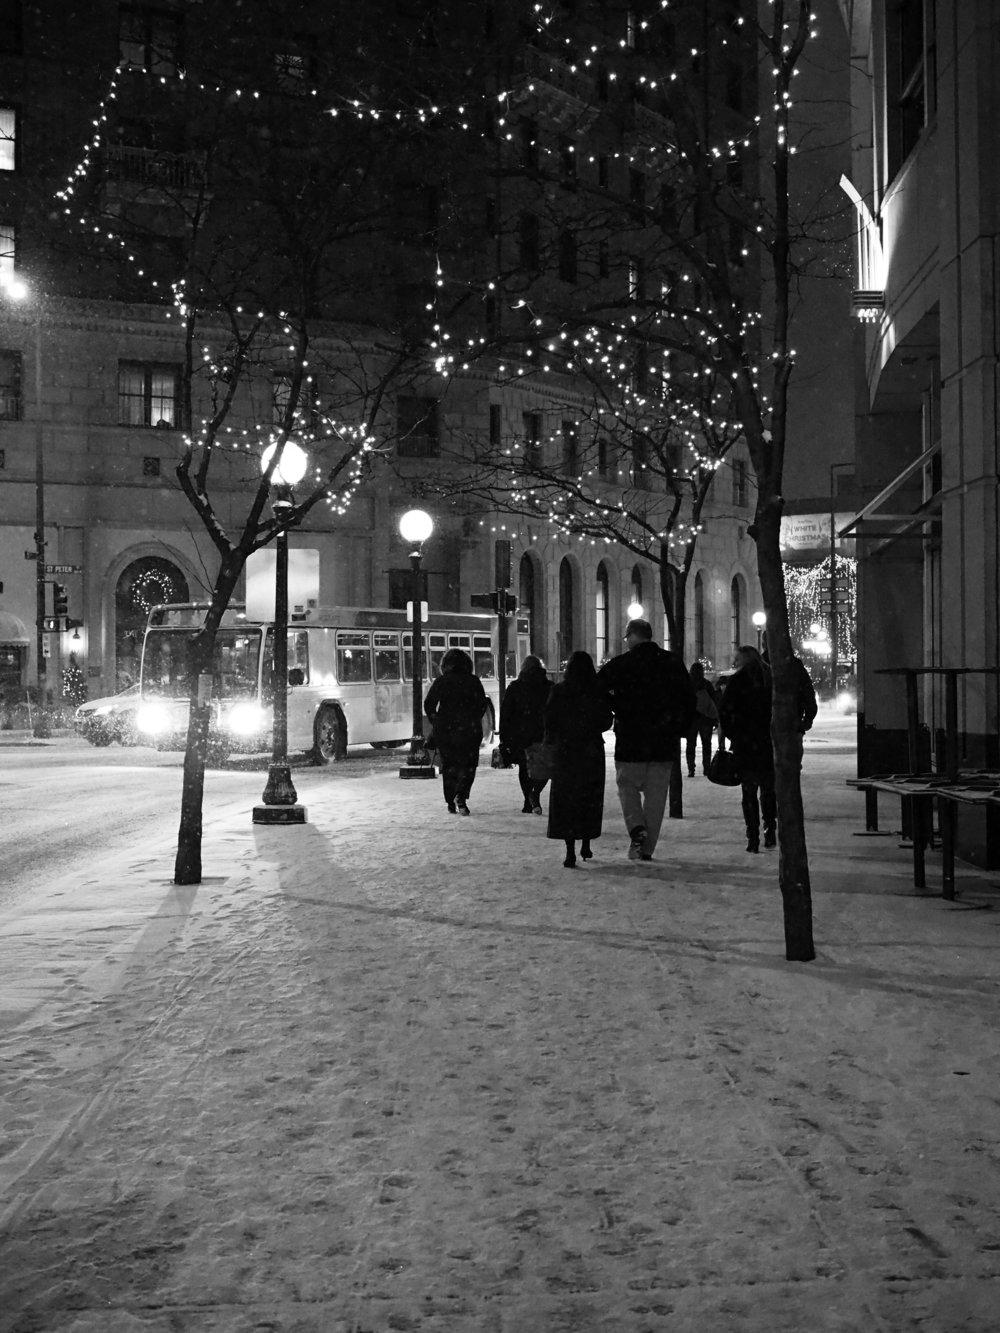 citysidewalks.jpg